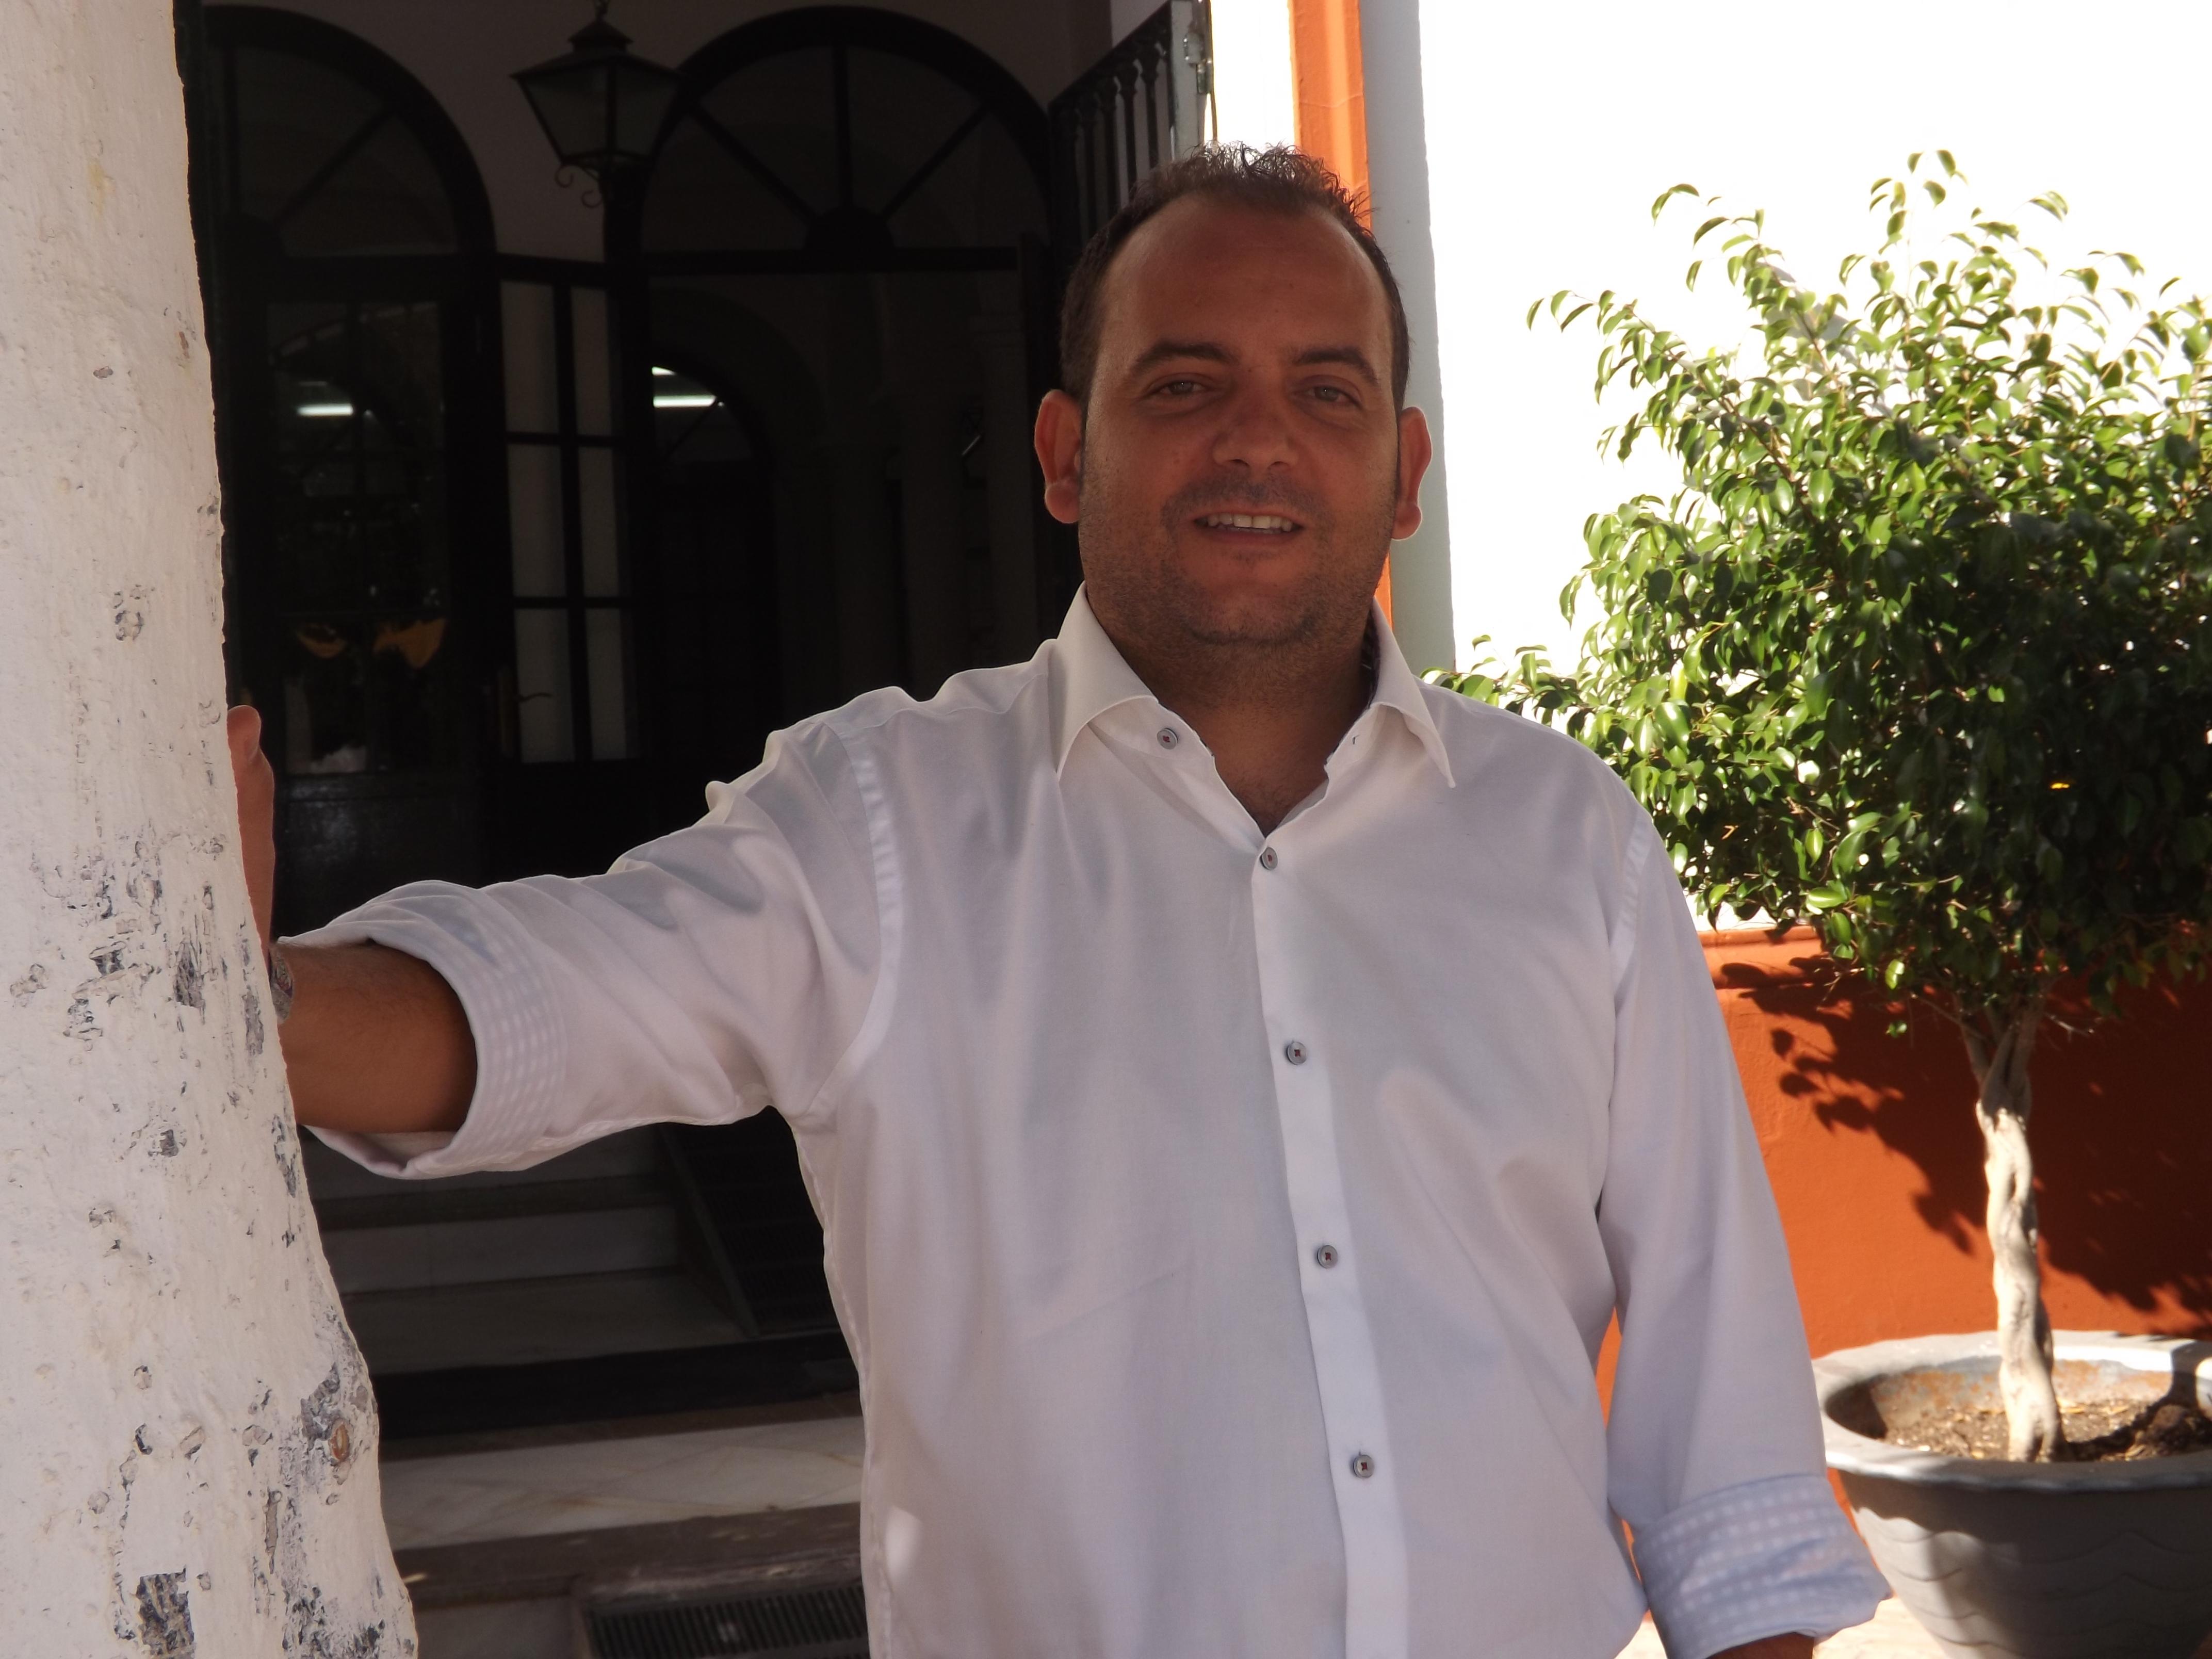 Diego Manuel Agüera volverá a presentar su candidatura para liderar el proyecto socialista en La Algaba. Foto: A. P.